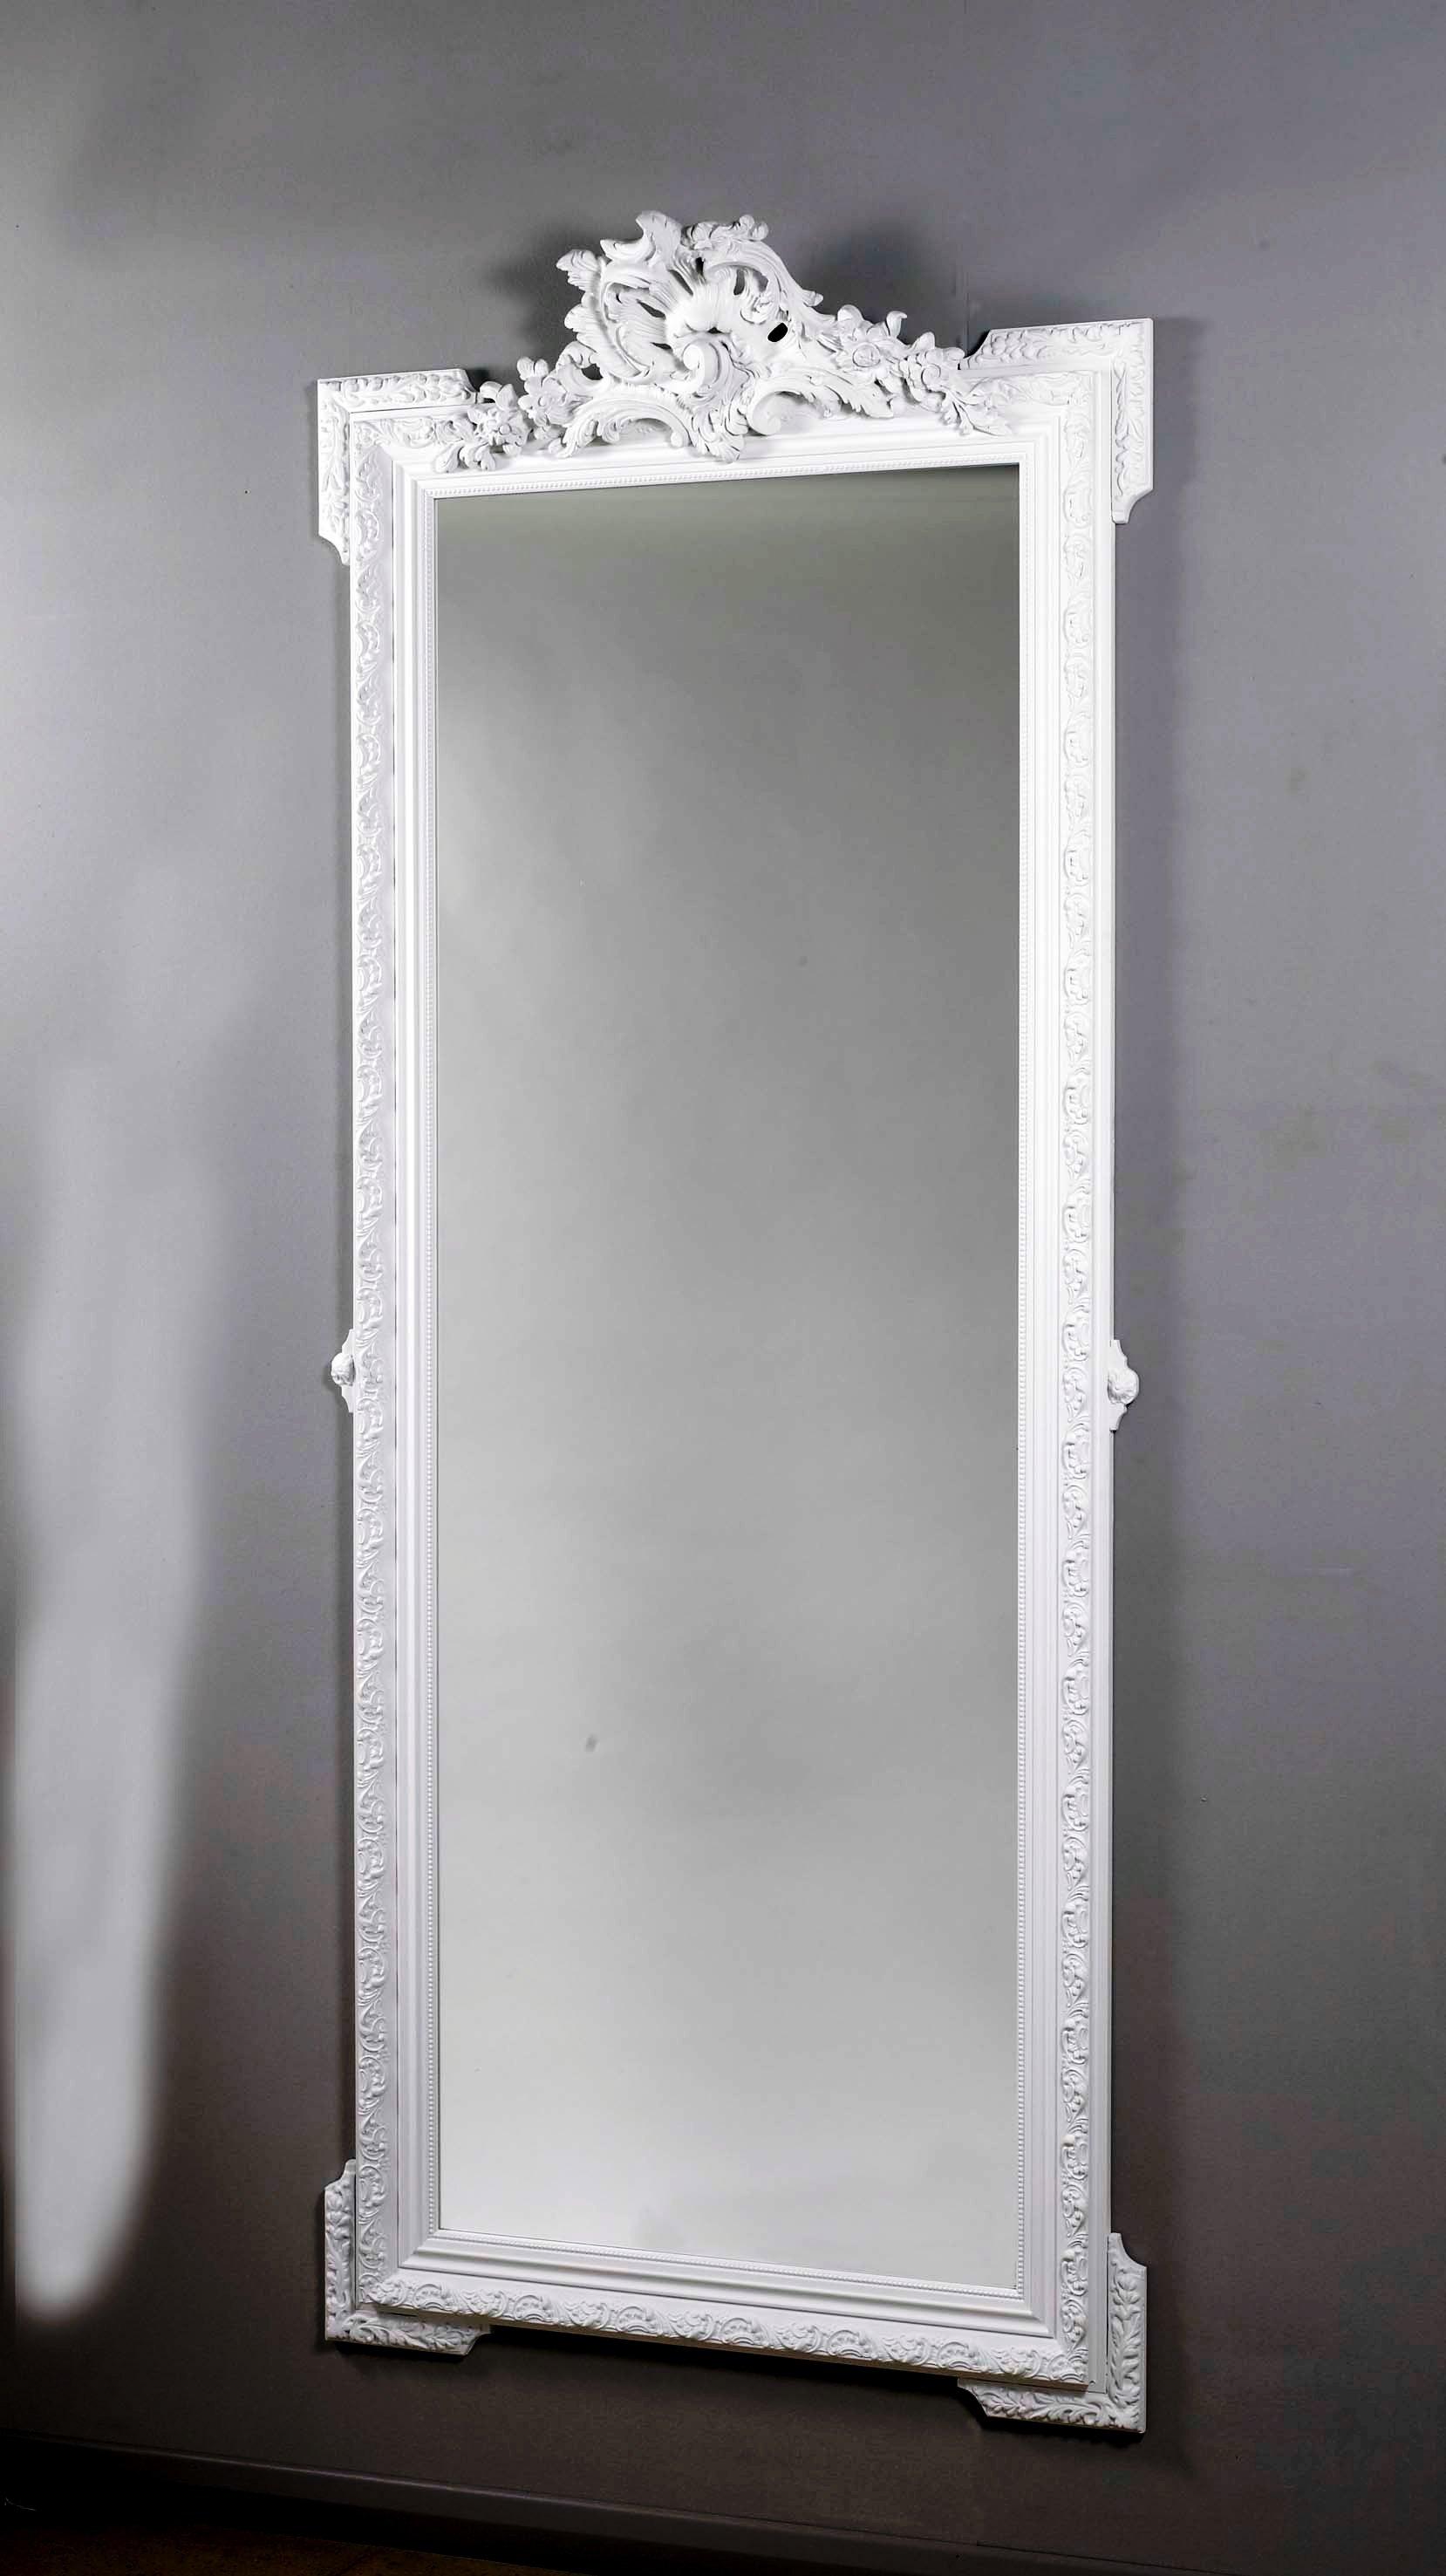 Full Length Decorative Wall Mirrors Inarace Throughout Decorative Full Length Mirror (View 5 of 15)